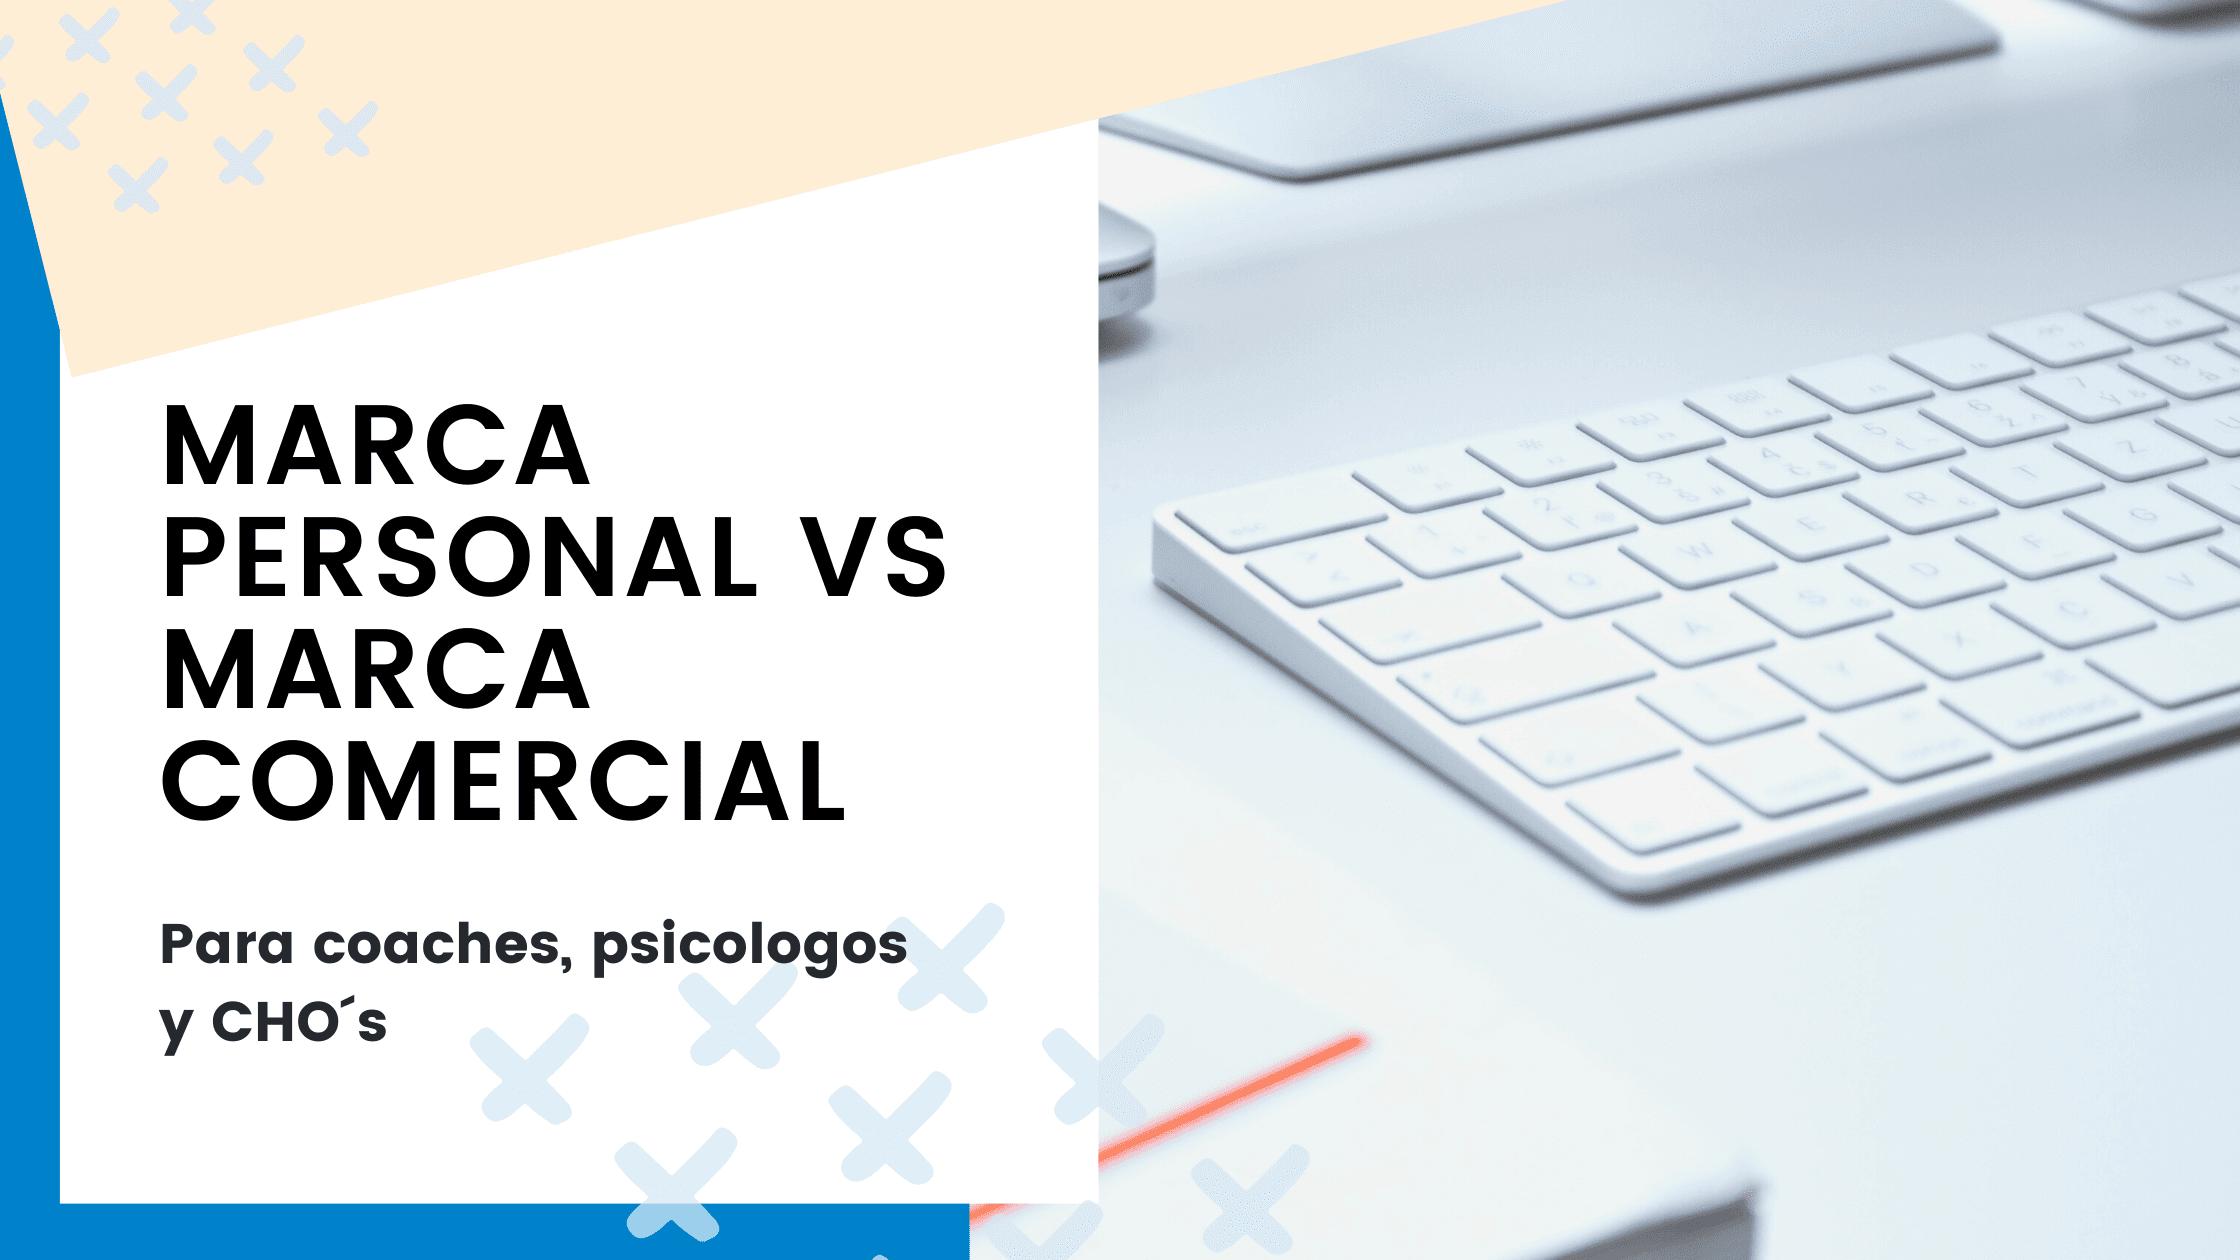 Marca personal vs. Marca corporativa para coaches, psicólogos  y CHO, ¿cuál elegir?